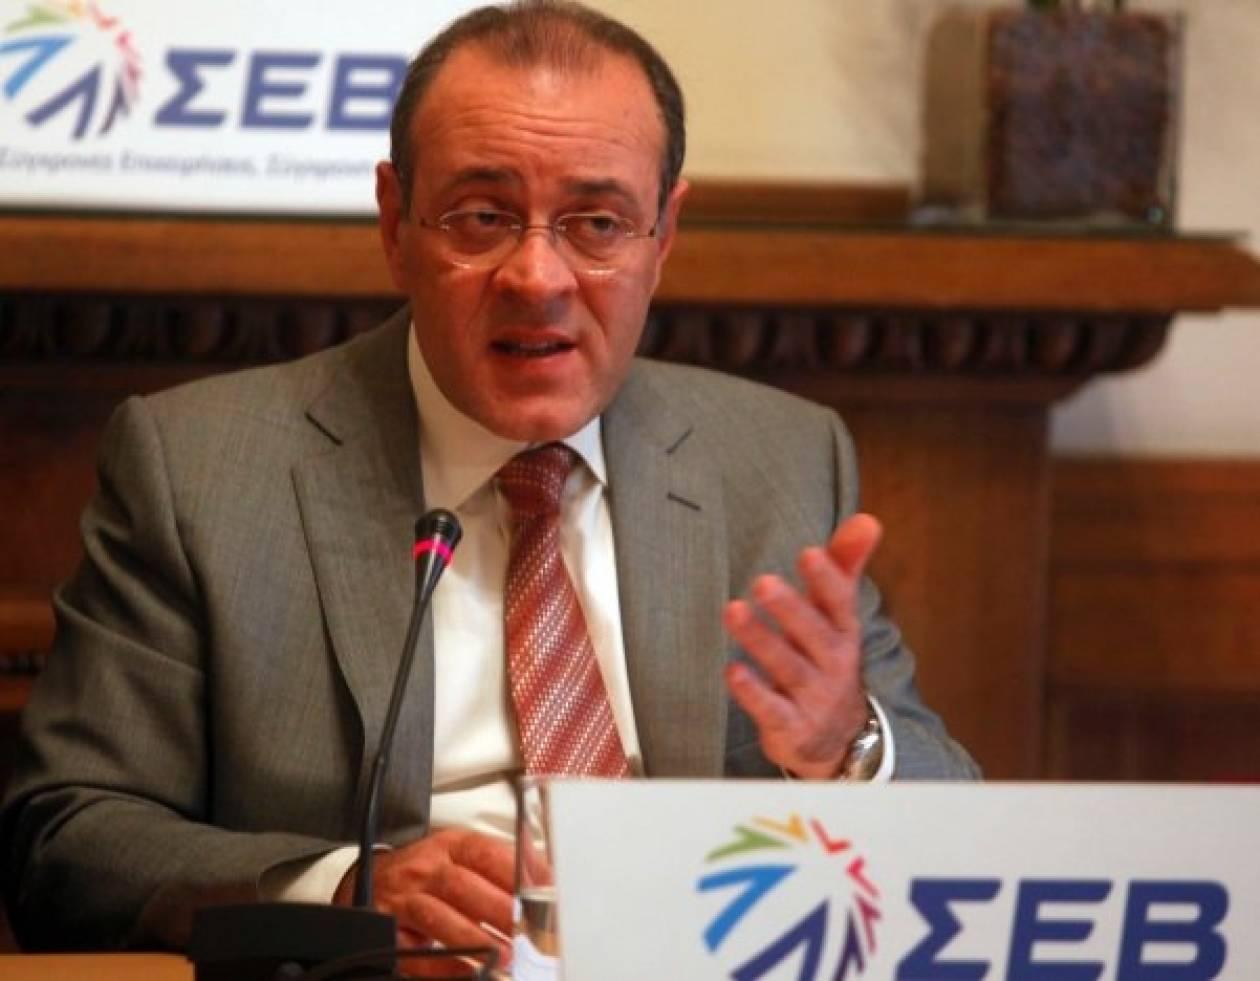 Δασκαλόπουλος: Οι μονοσήμαντες πολιτικές λιτότητας είναι επικίνδυνες